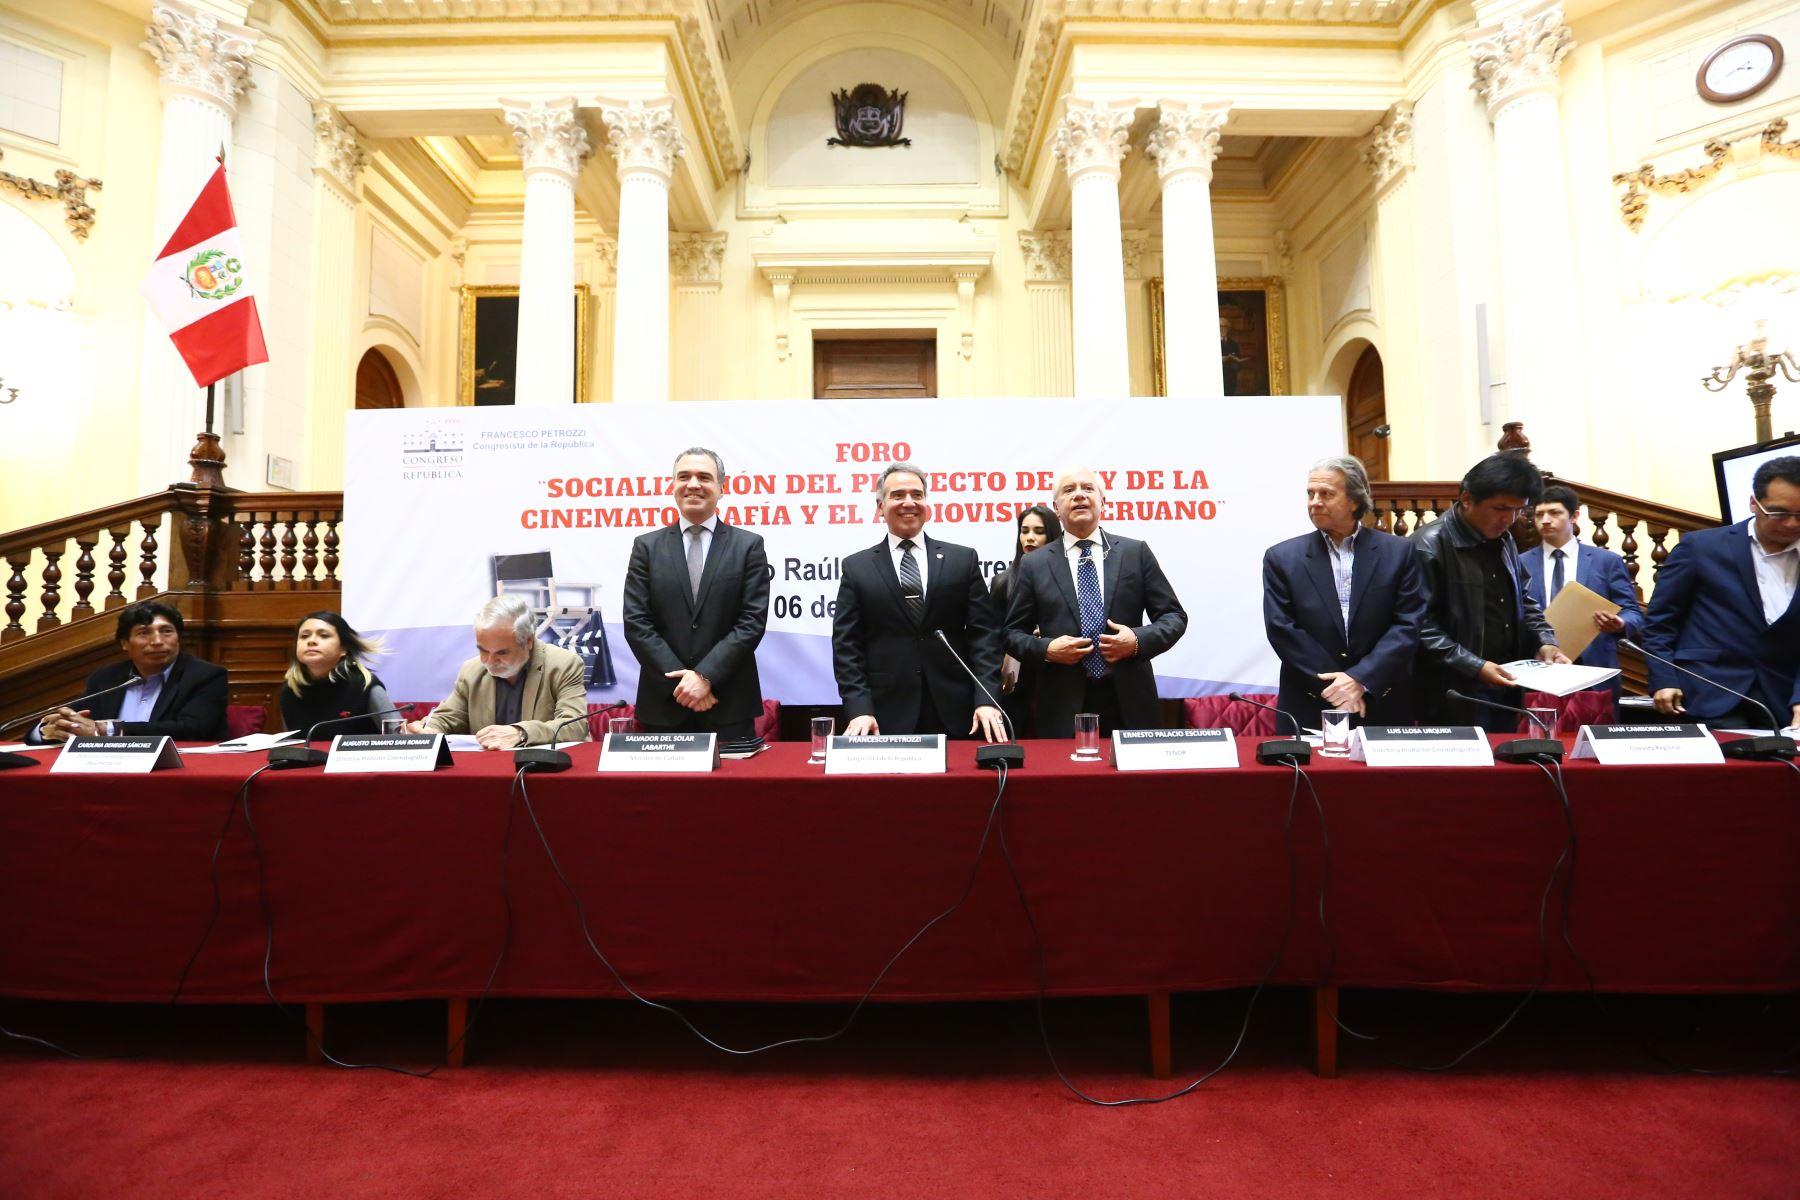 Comisión de Cultura y Patrimonio Cultural aprobará la  nueva ley de cinematografía antes de fin de año.